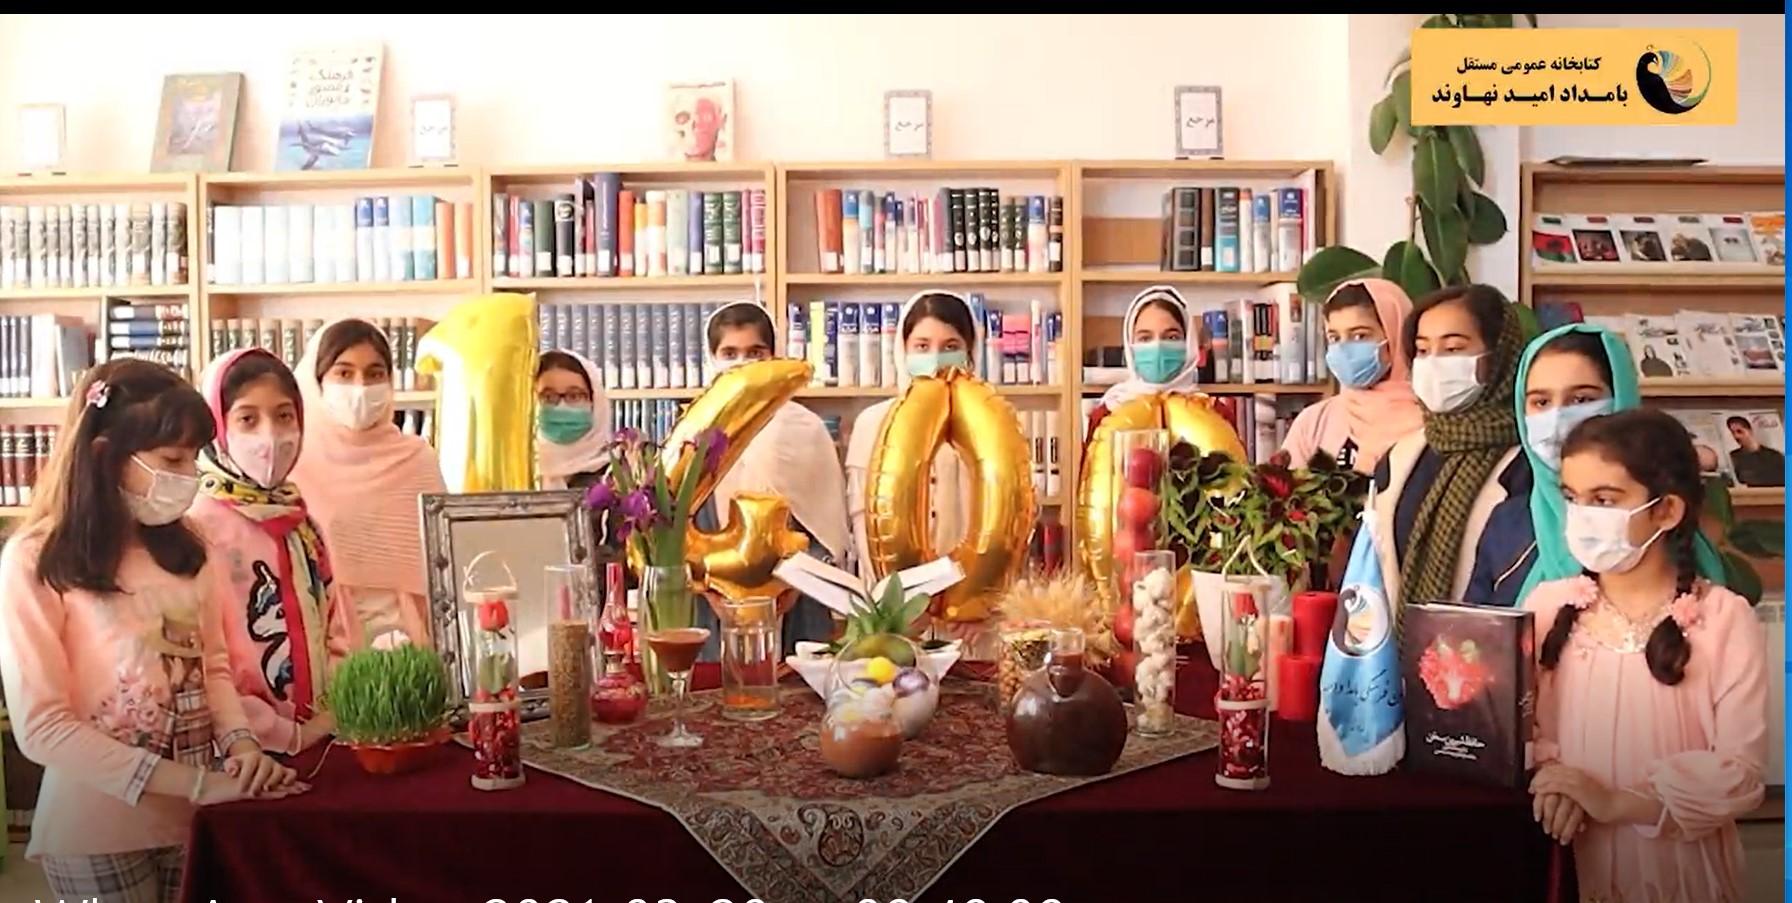 عید نوروز در فرهنگسرای بامداد امید نهاوند